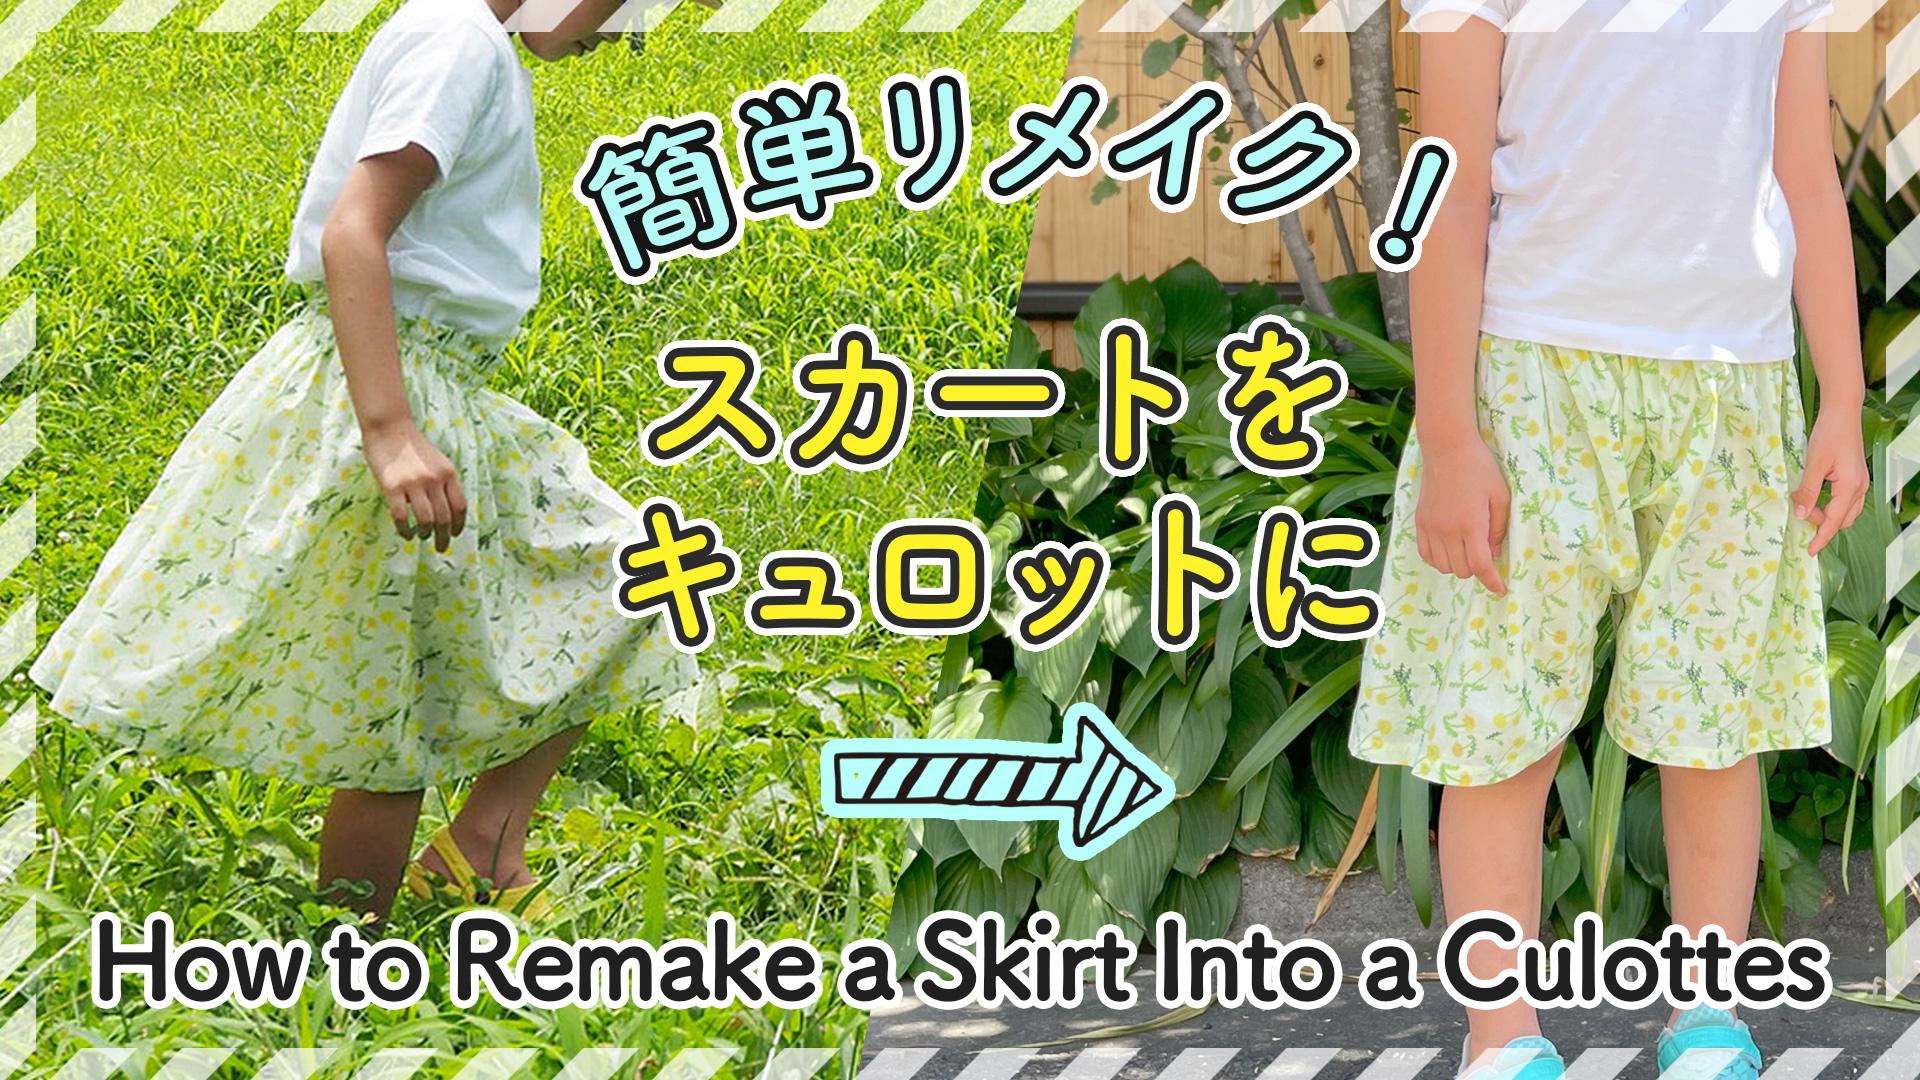 【YouTube】【10分リメイク】こどもスカートをキュロットにリメイク